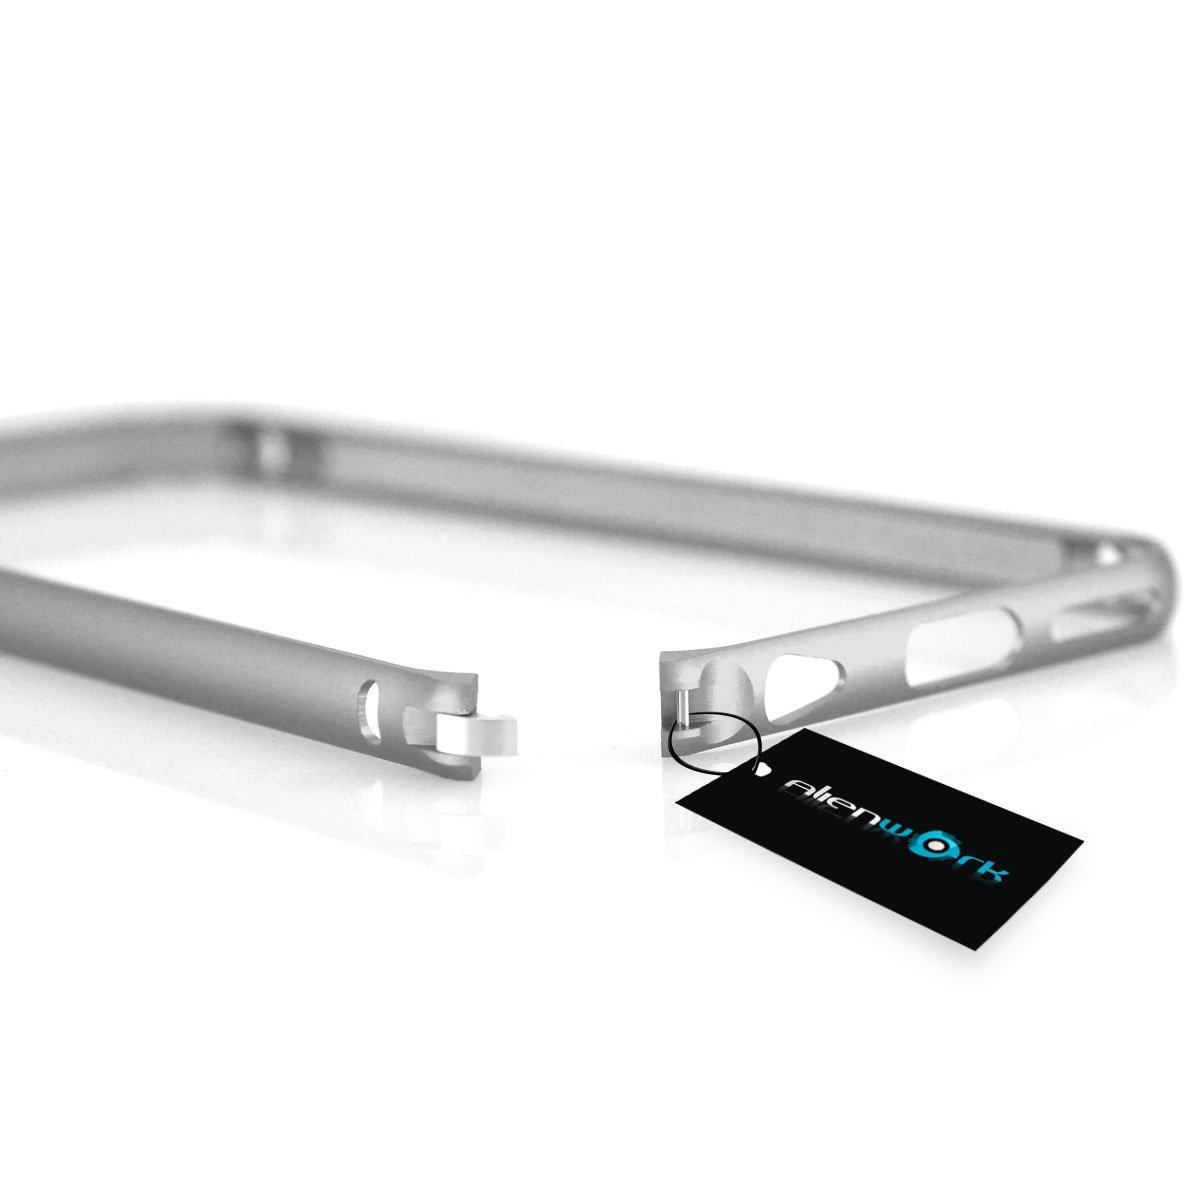 custodia iphone 6 in alluminio